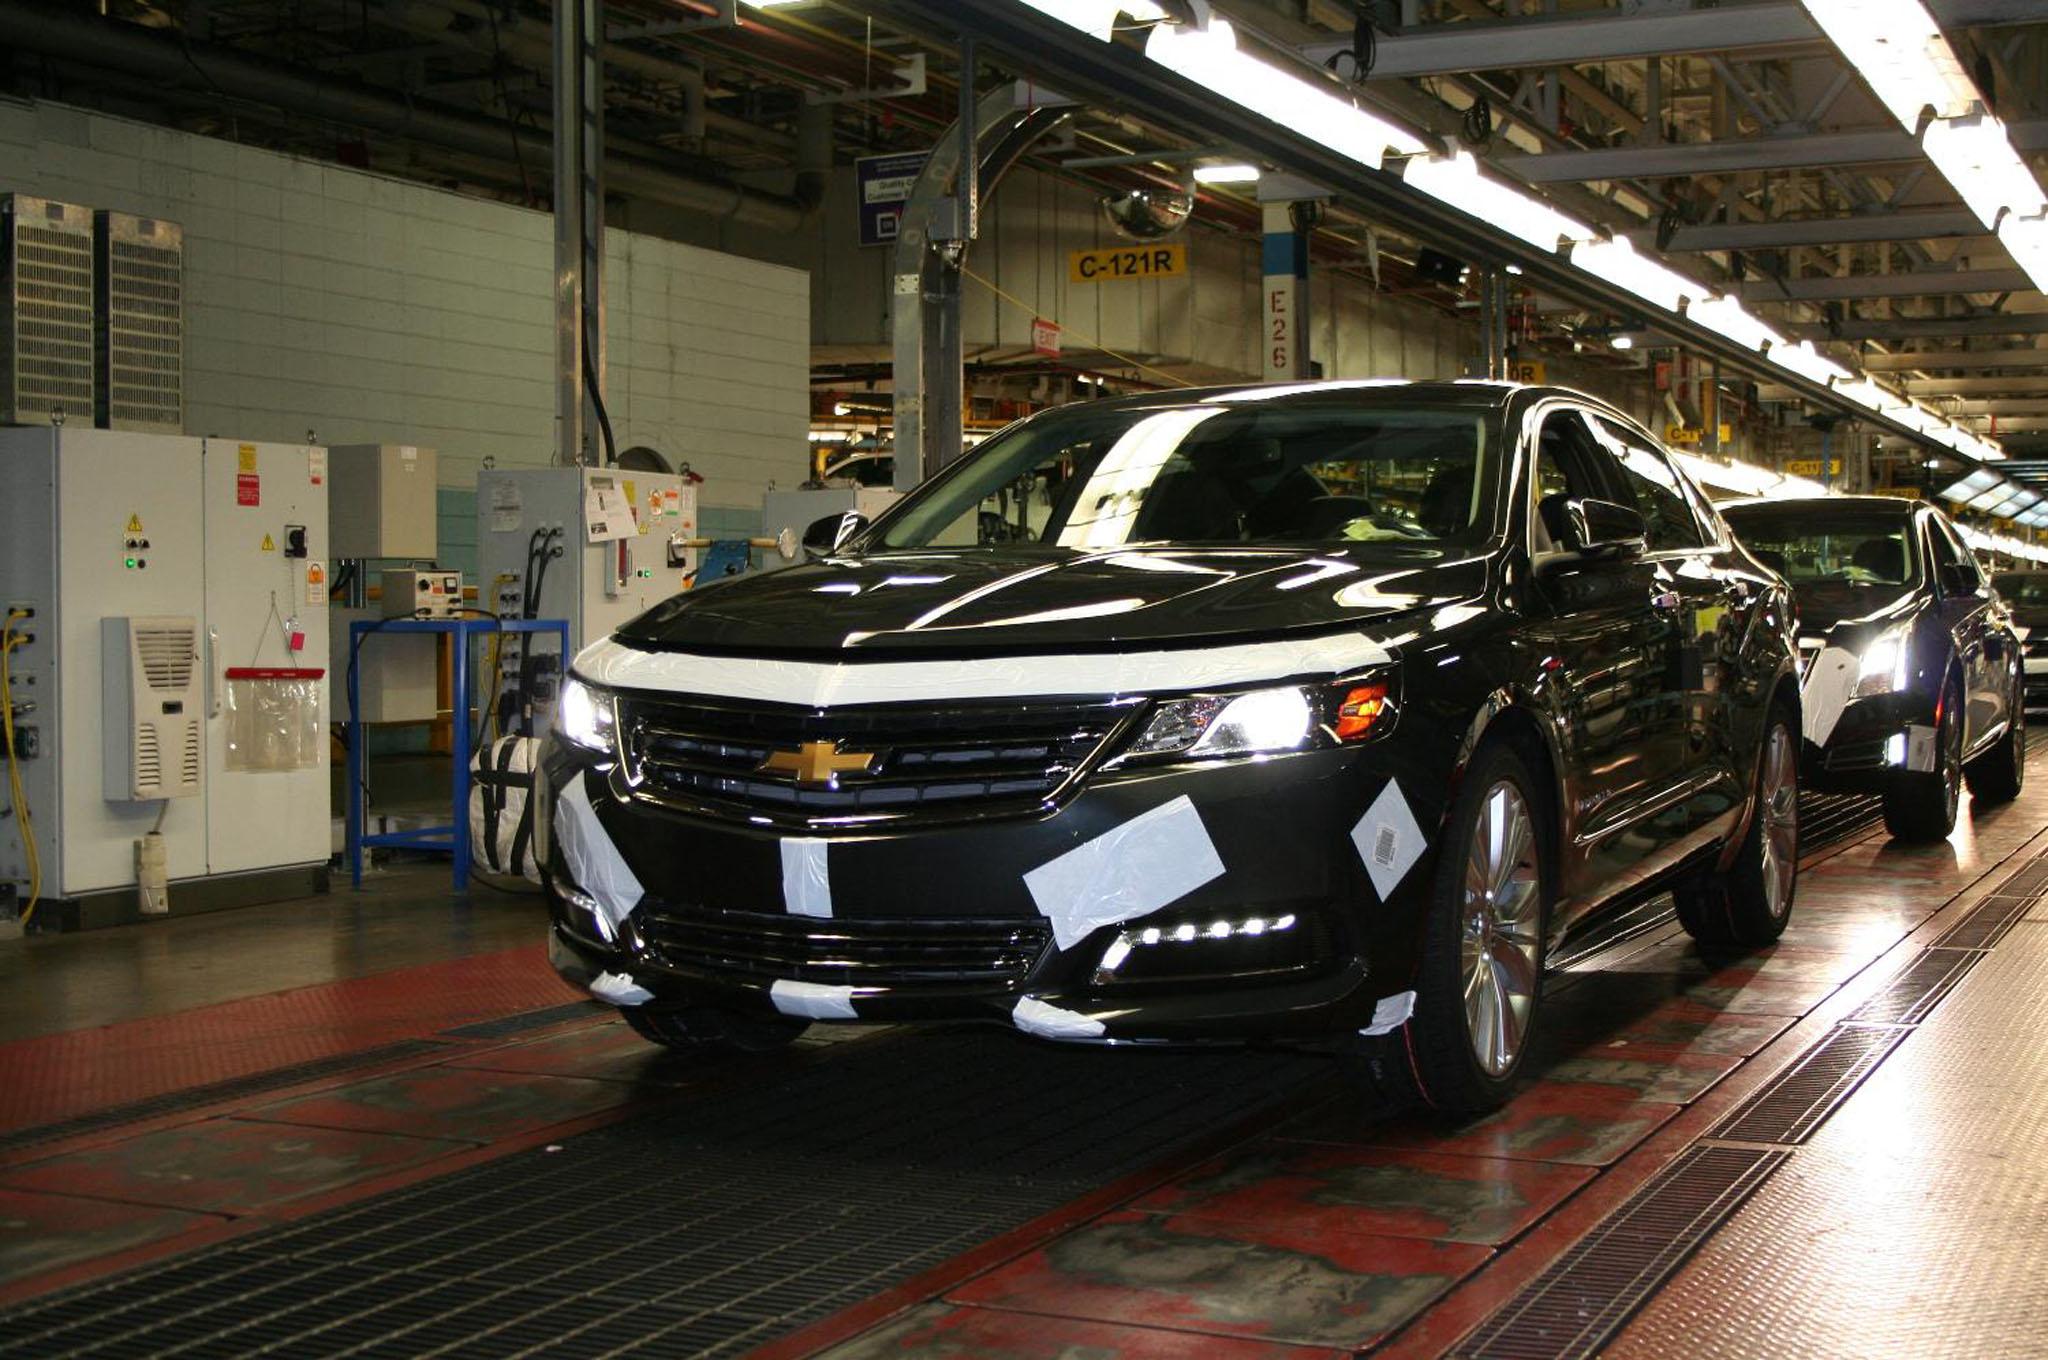 2014 Impala Production Line1